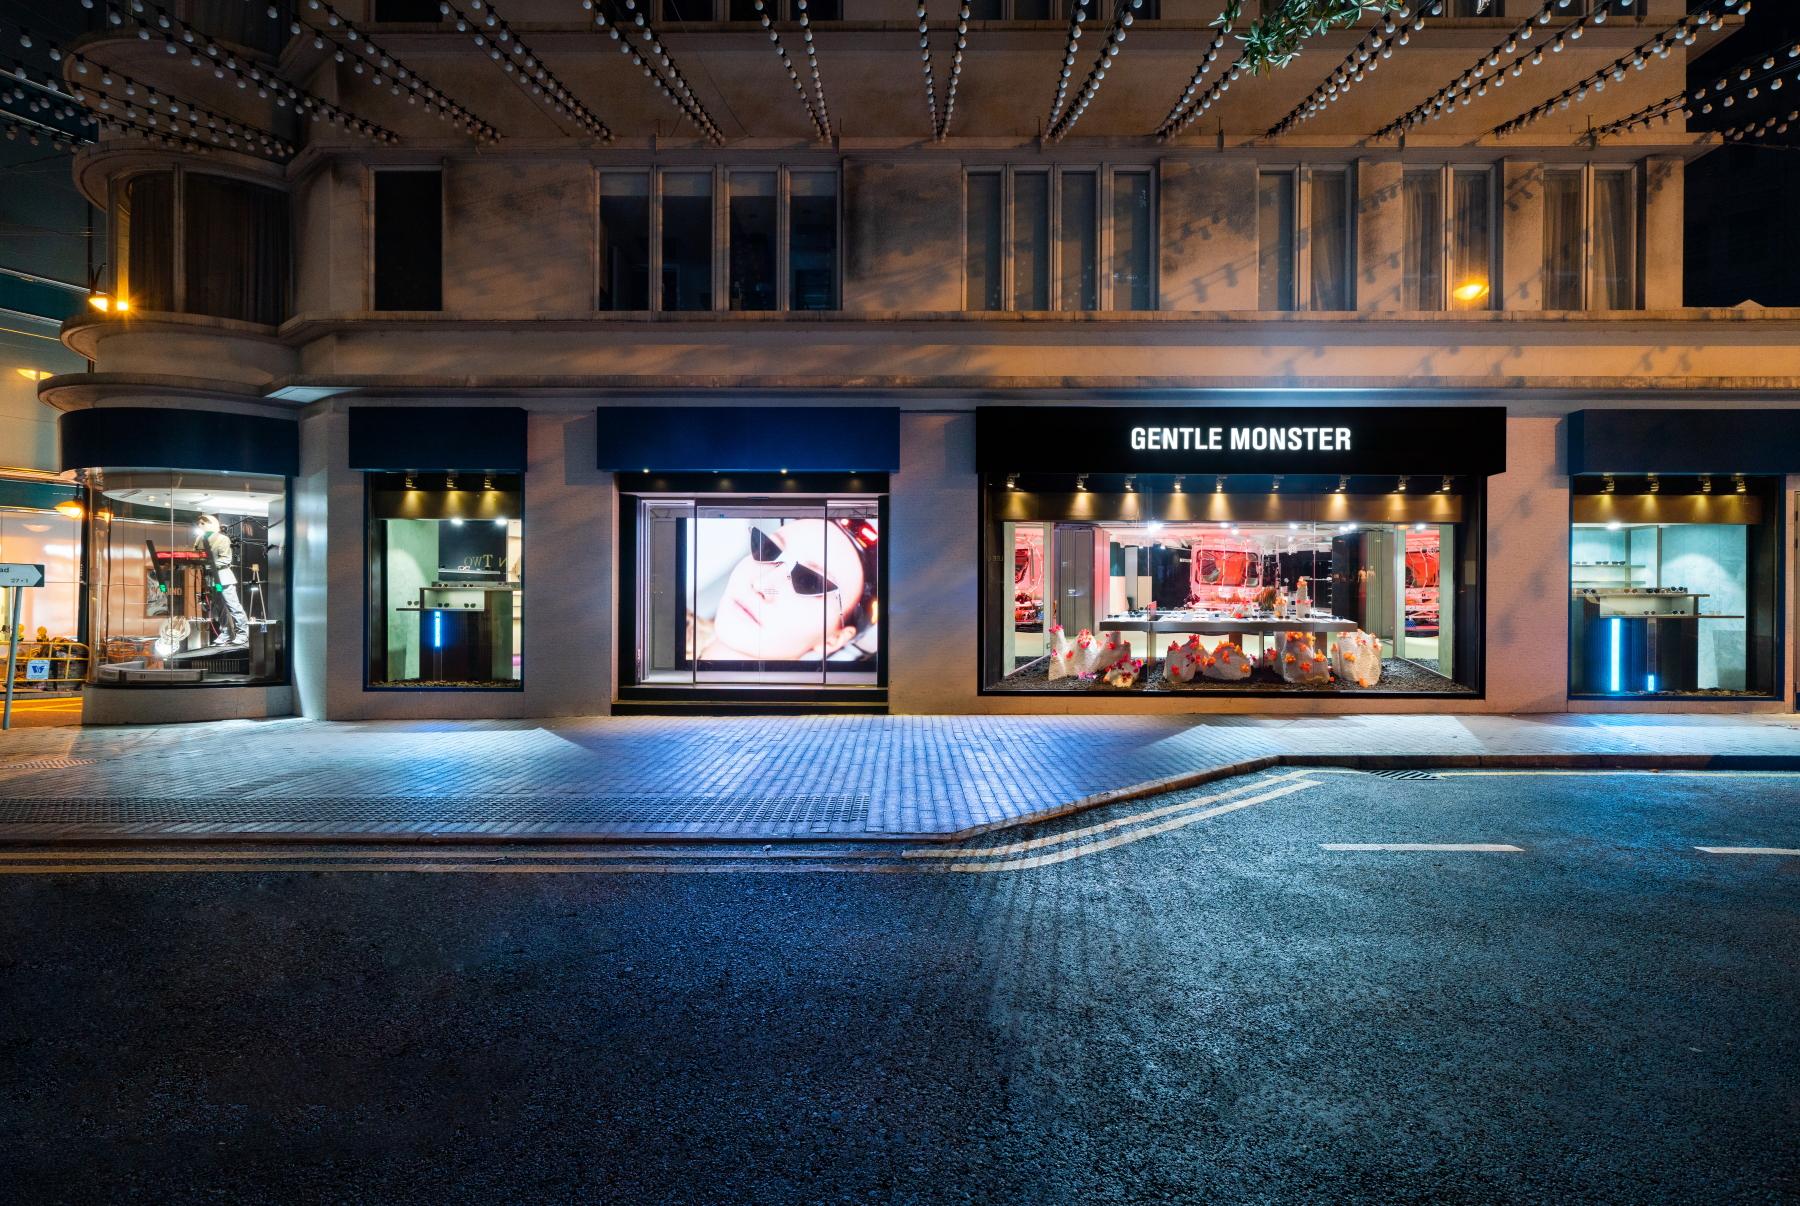 GENTLE MONSTER香港旗舰店展现13月奇异世界